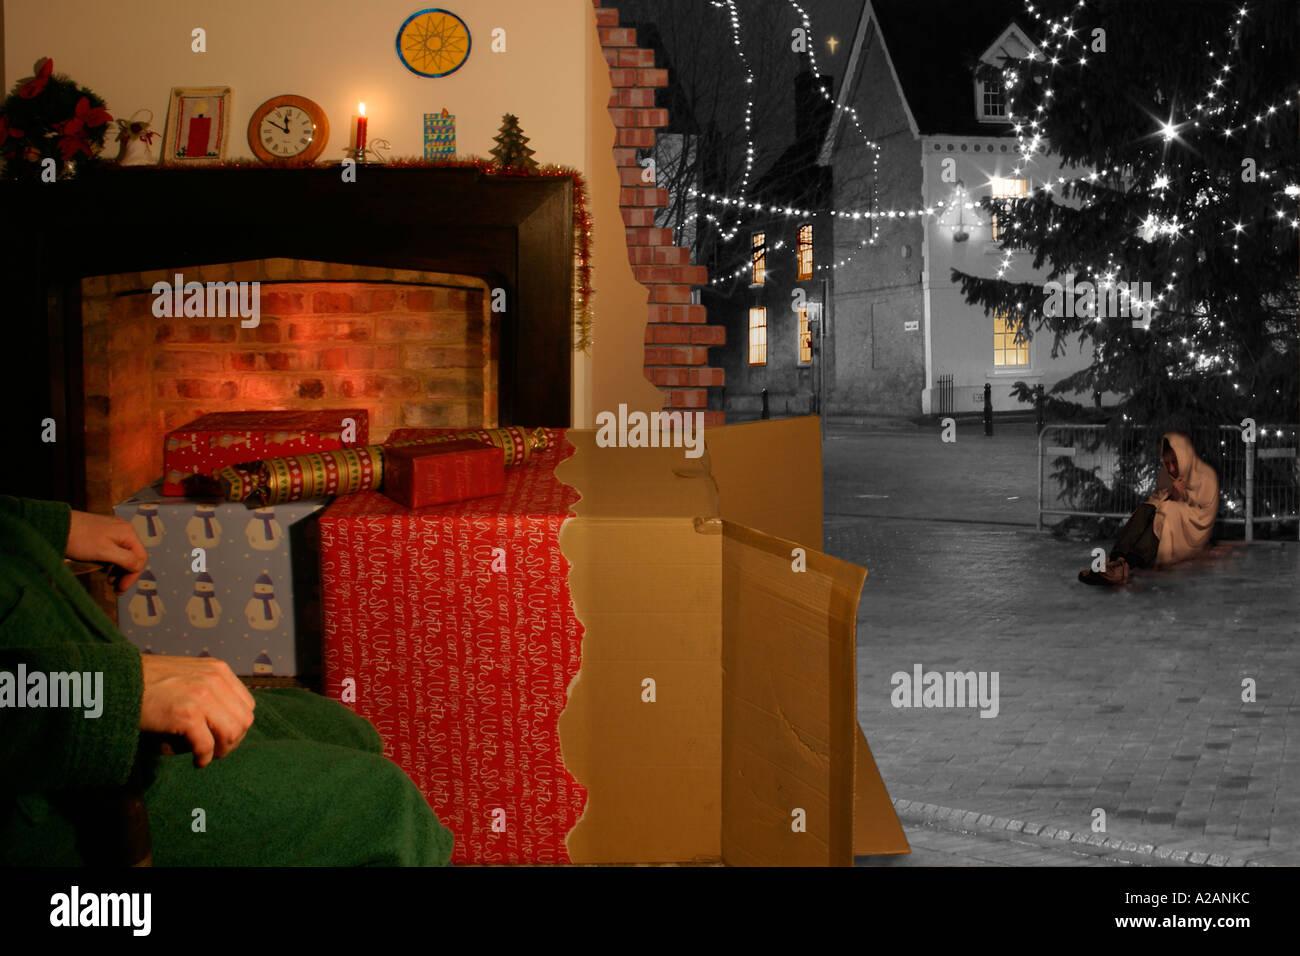 personas sin hogar en vsperas de navidad imagen de stock - Christmas On Division Street